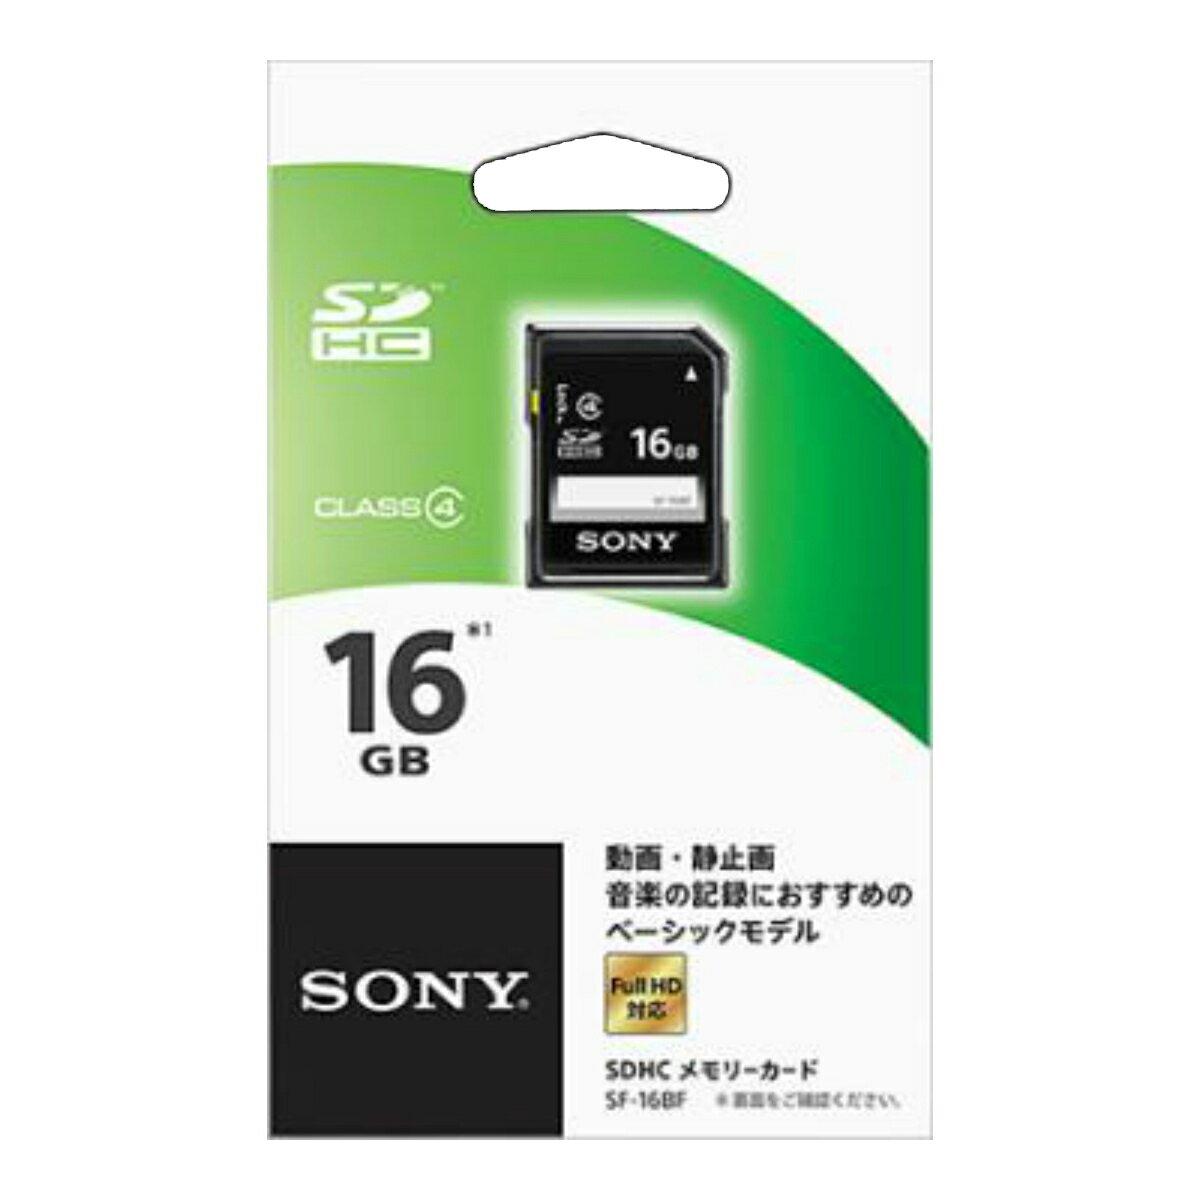 【週末限定!スーパーフライデーSale!6/22〜】 SONY SDHCメモリーカード 16GB SF−16BF (SDカード メモリ)( 4905524956818 )